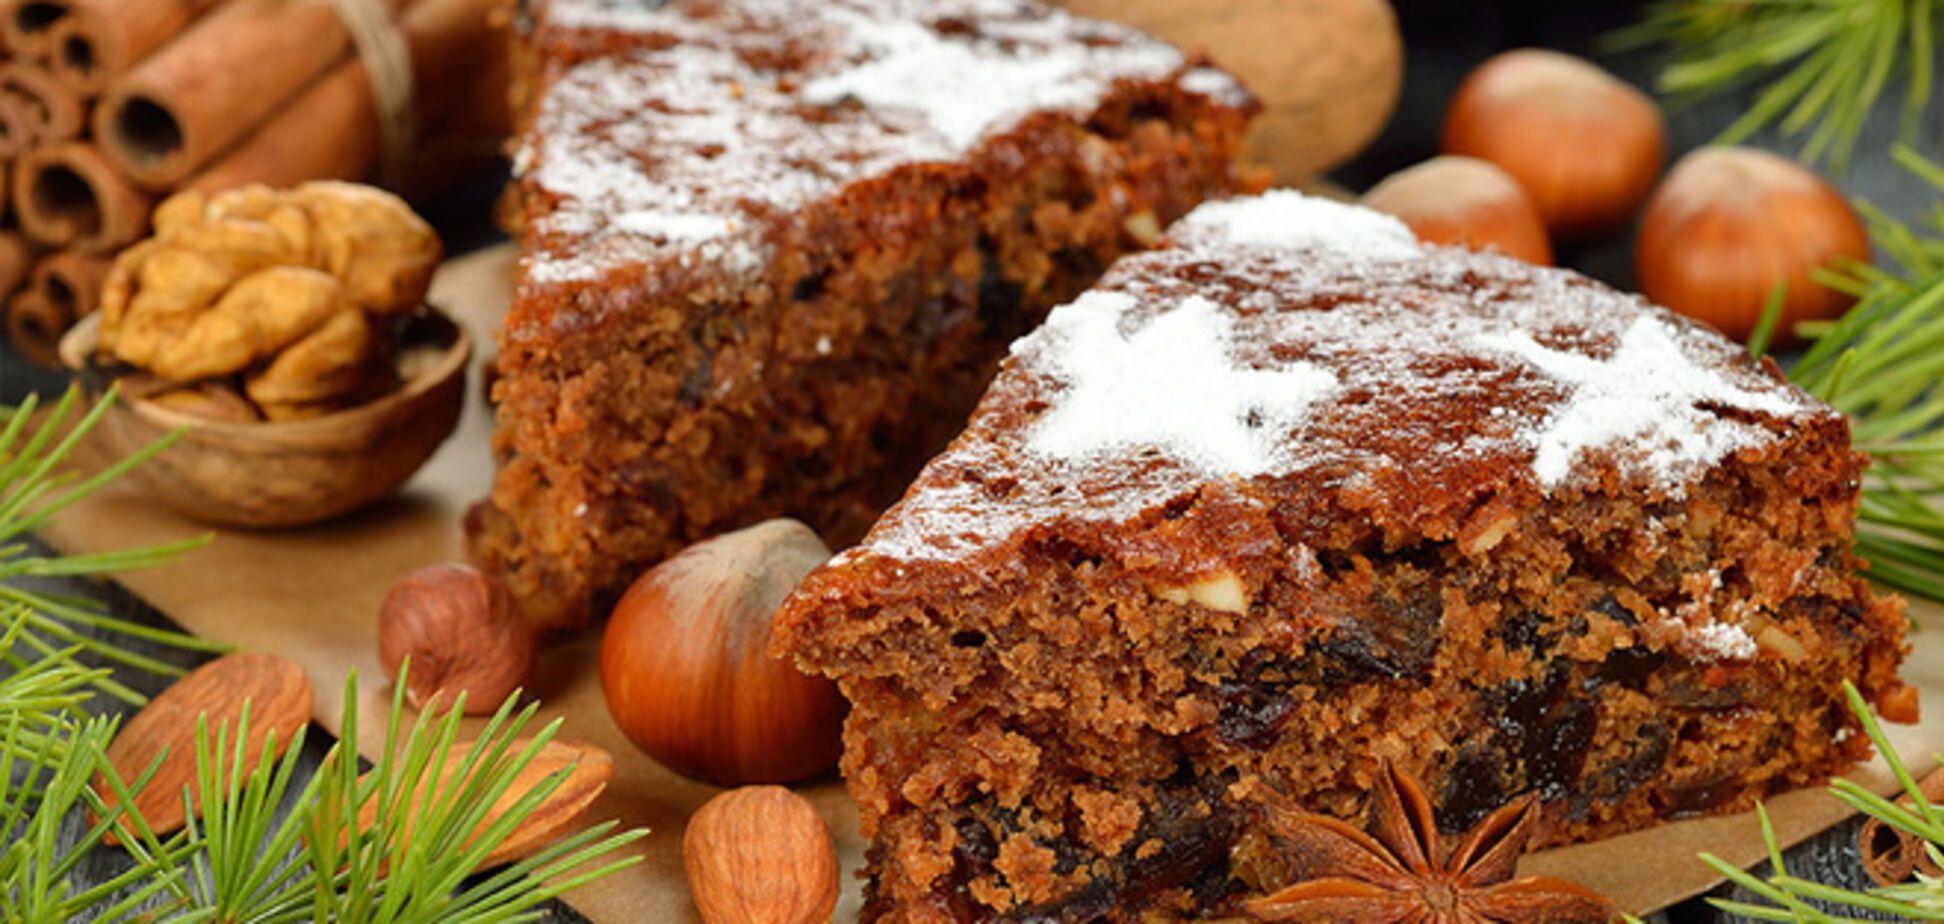 Что приготовить на новогодний стол 2015: оригинальные рецепты праздничных угощений